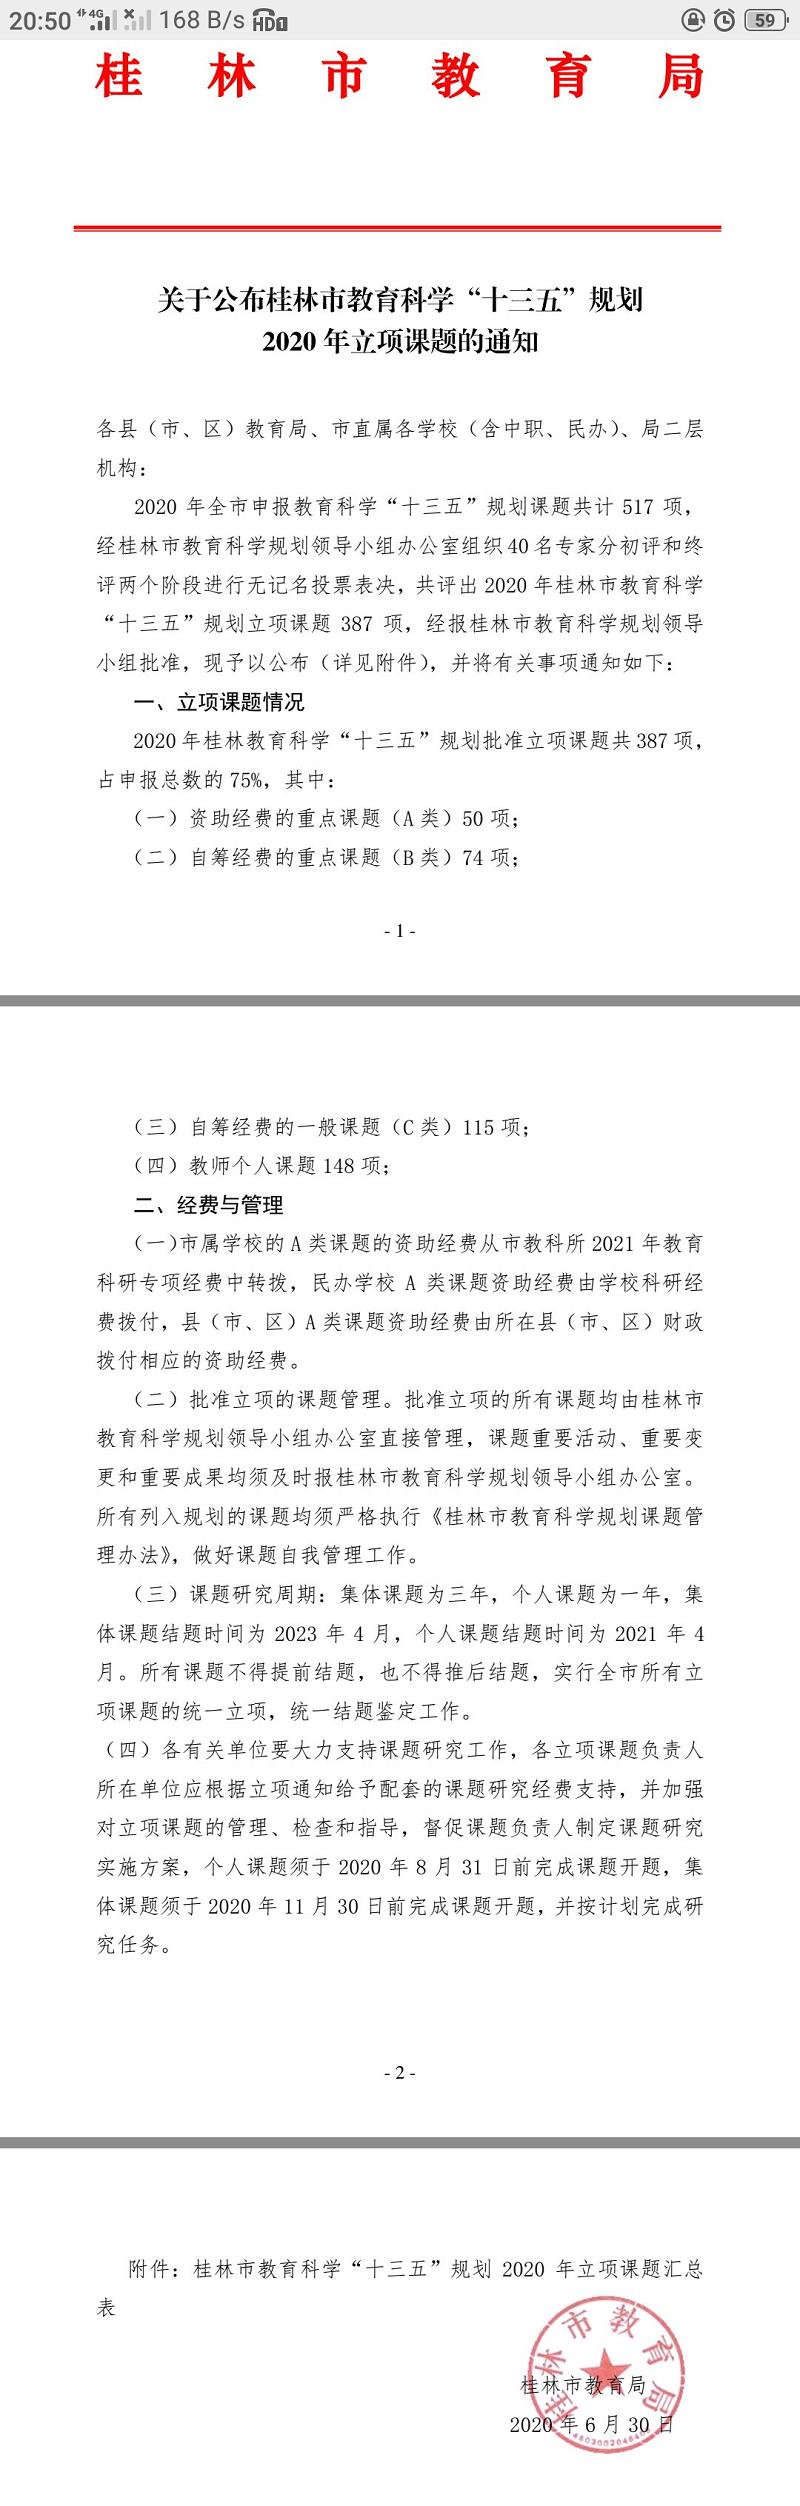 """可喜可贺,兴安中学多项研究课题获批桂林市教育科学""""十三五""""规划2020年立项课题"""